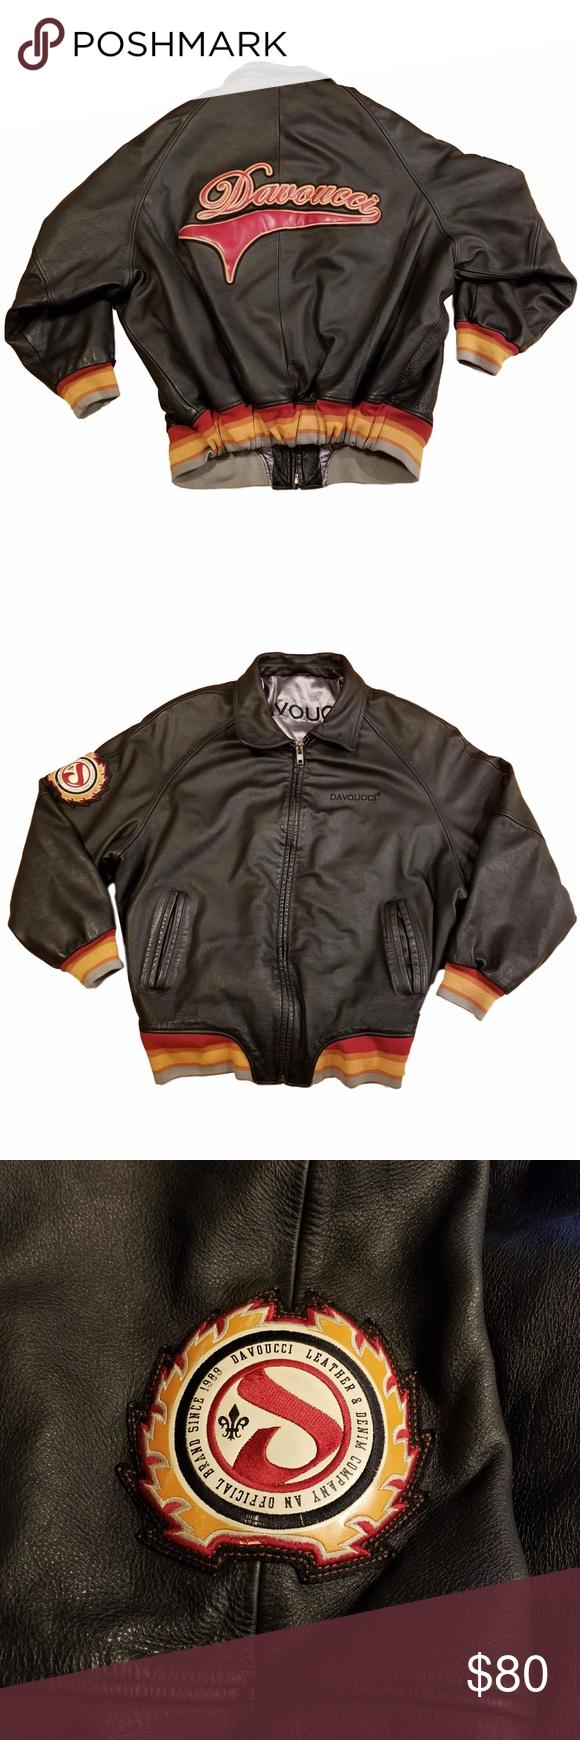 Men S Davoucci Leather Bomber Jacket Size 6xl Men S Davoucci Leather Bomber Jacket Varsity Style Script Big Leather Bomber Jacket Leather Bomber Clothes Design [ 1740 x 580 Pixel ]